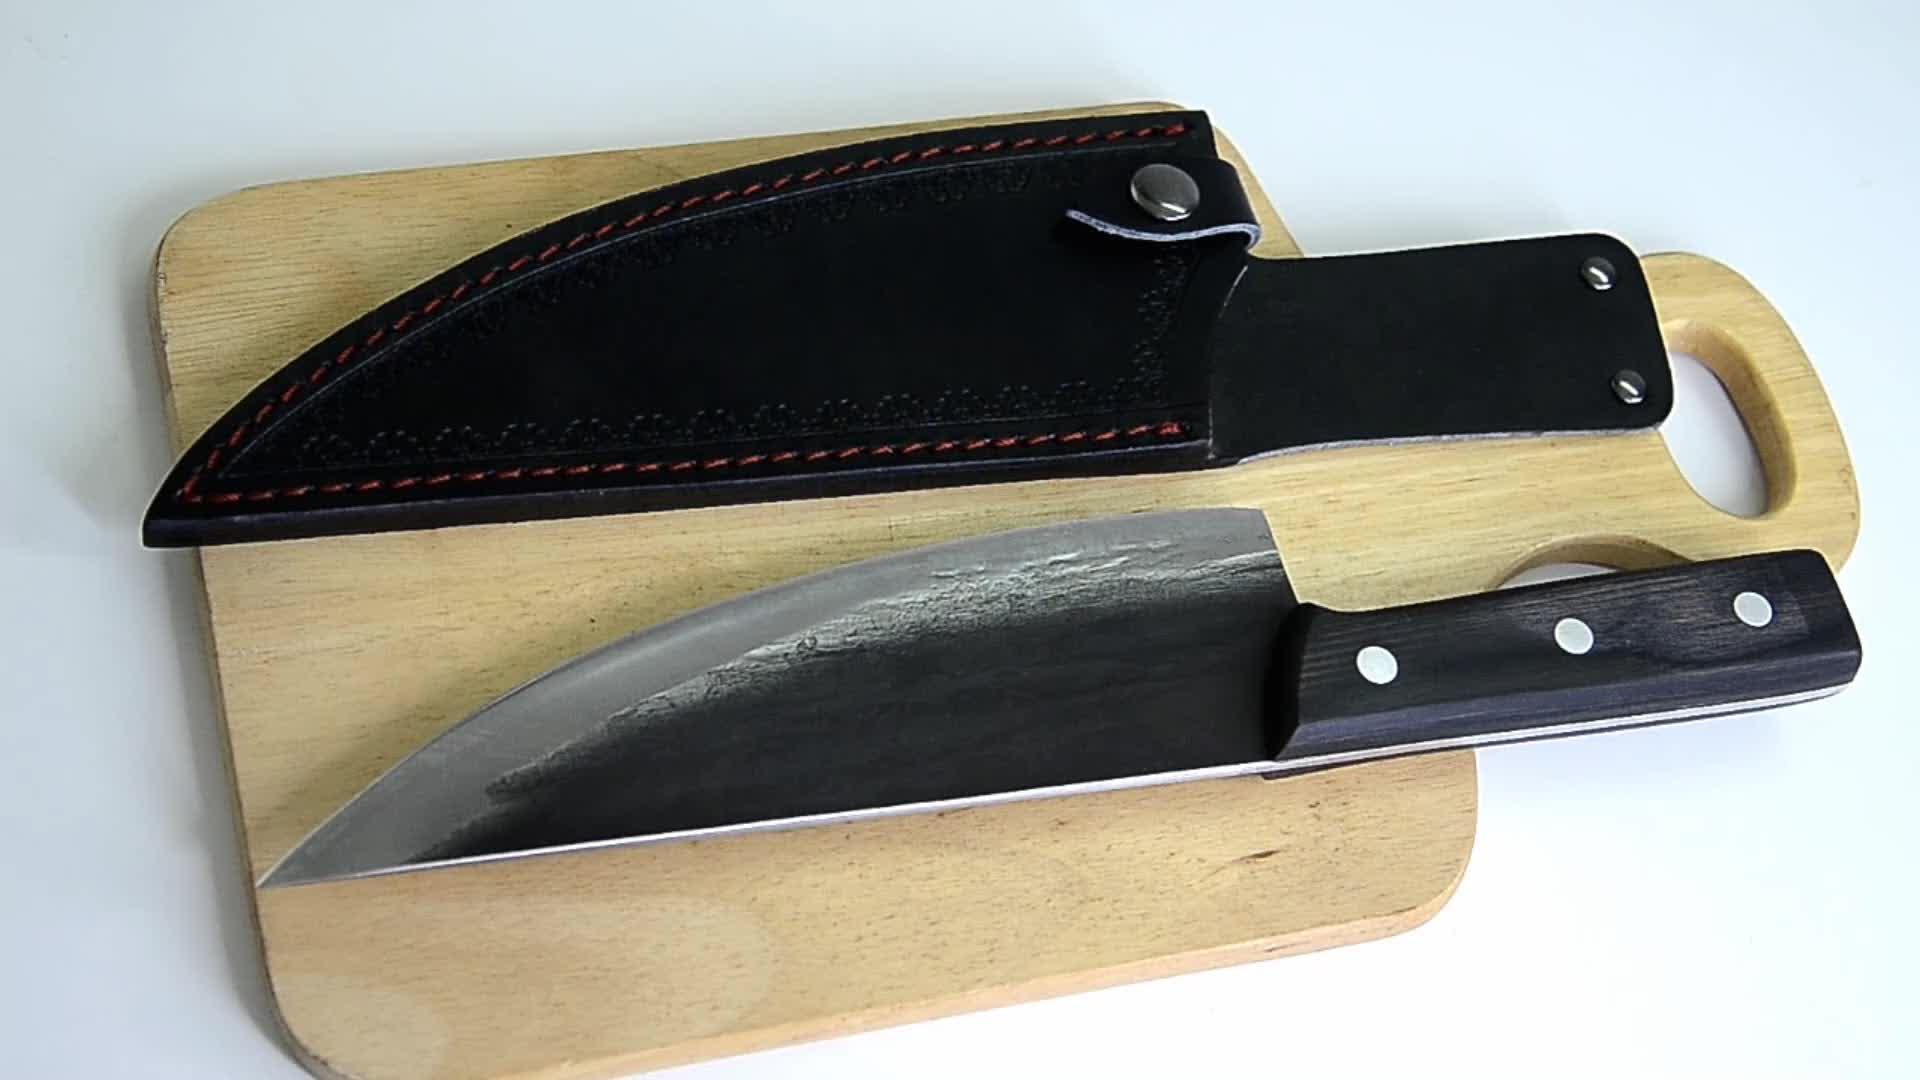 De alta calidad de acero inoxidable afilado forjado a mano de hoja fija maestro chef cuchillo de 8 'hecho a mano cuchillo de chef con vaina